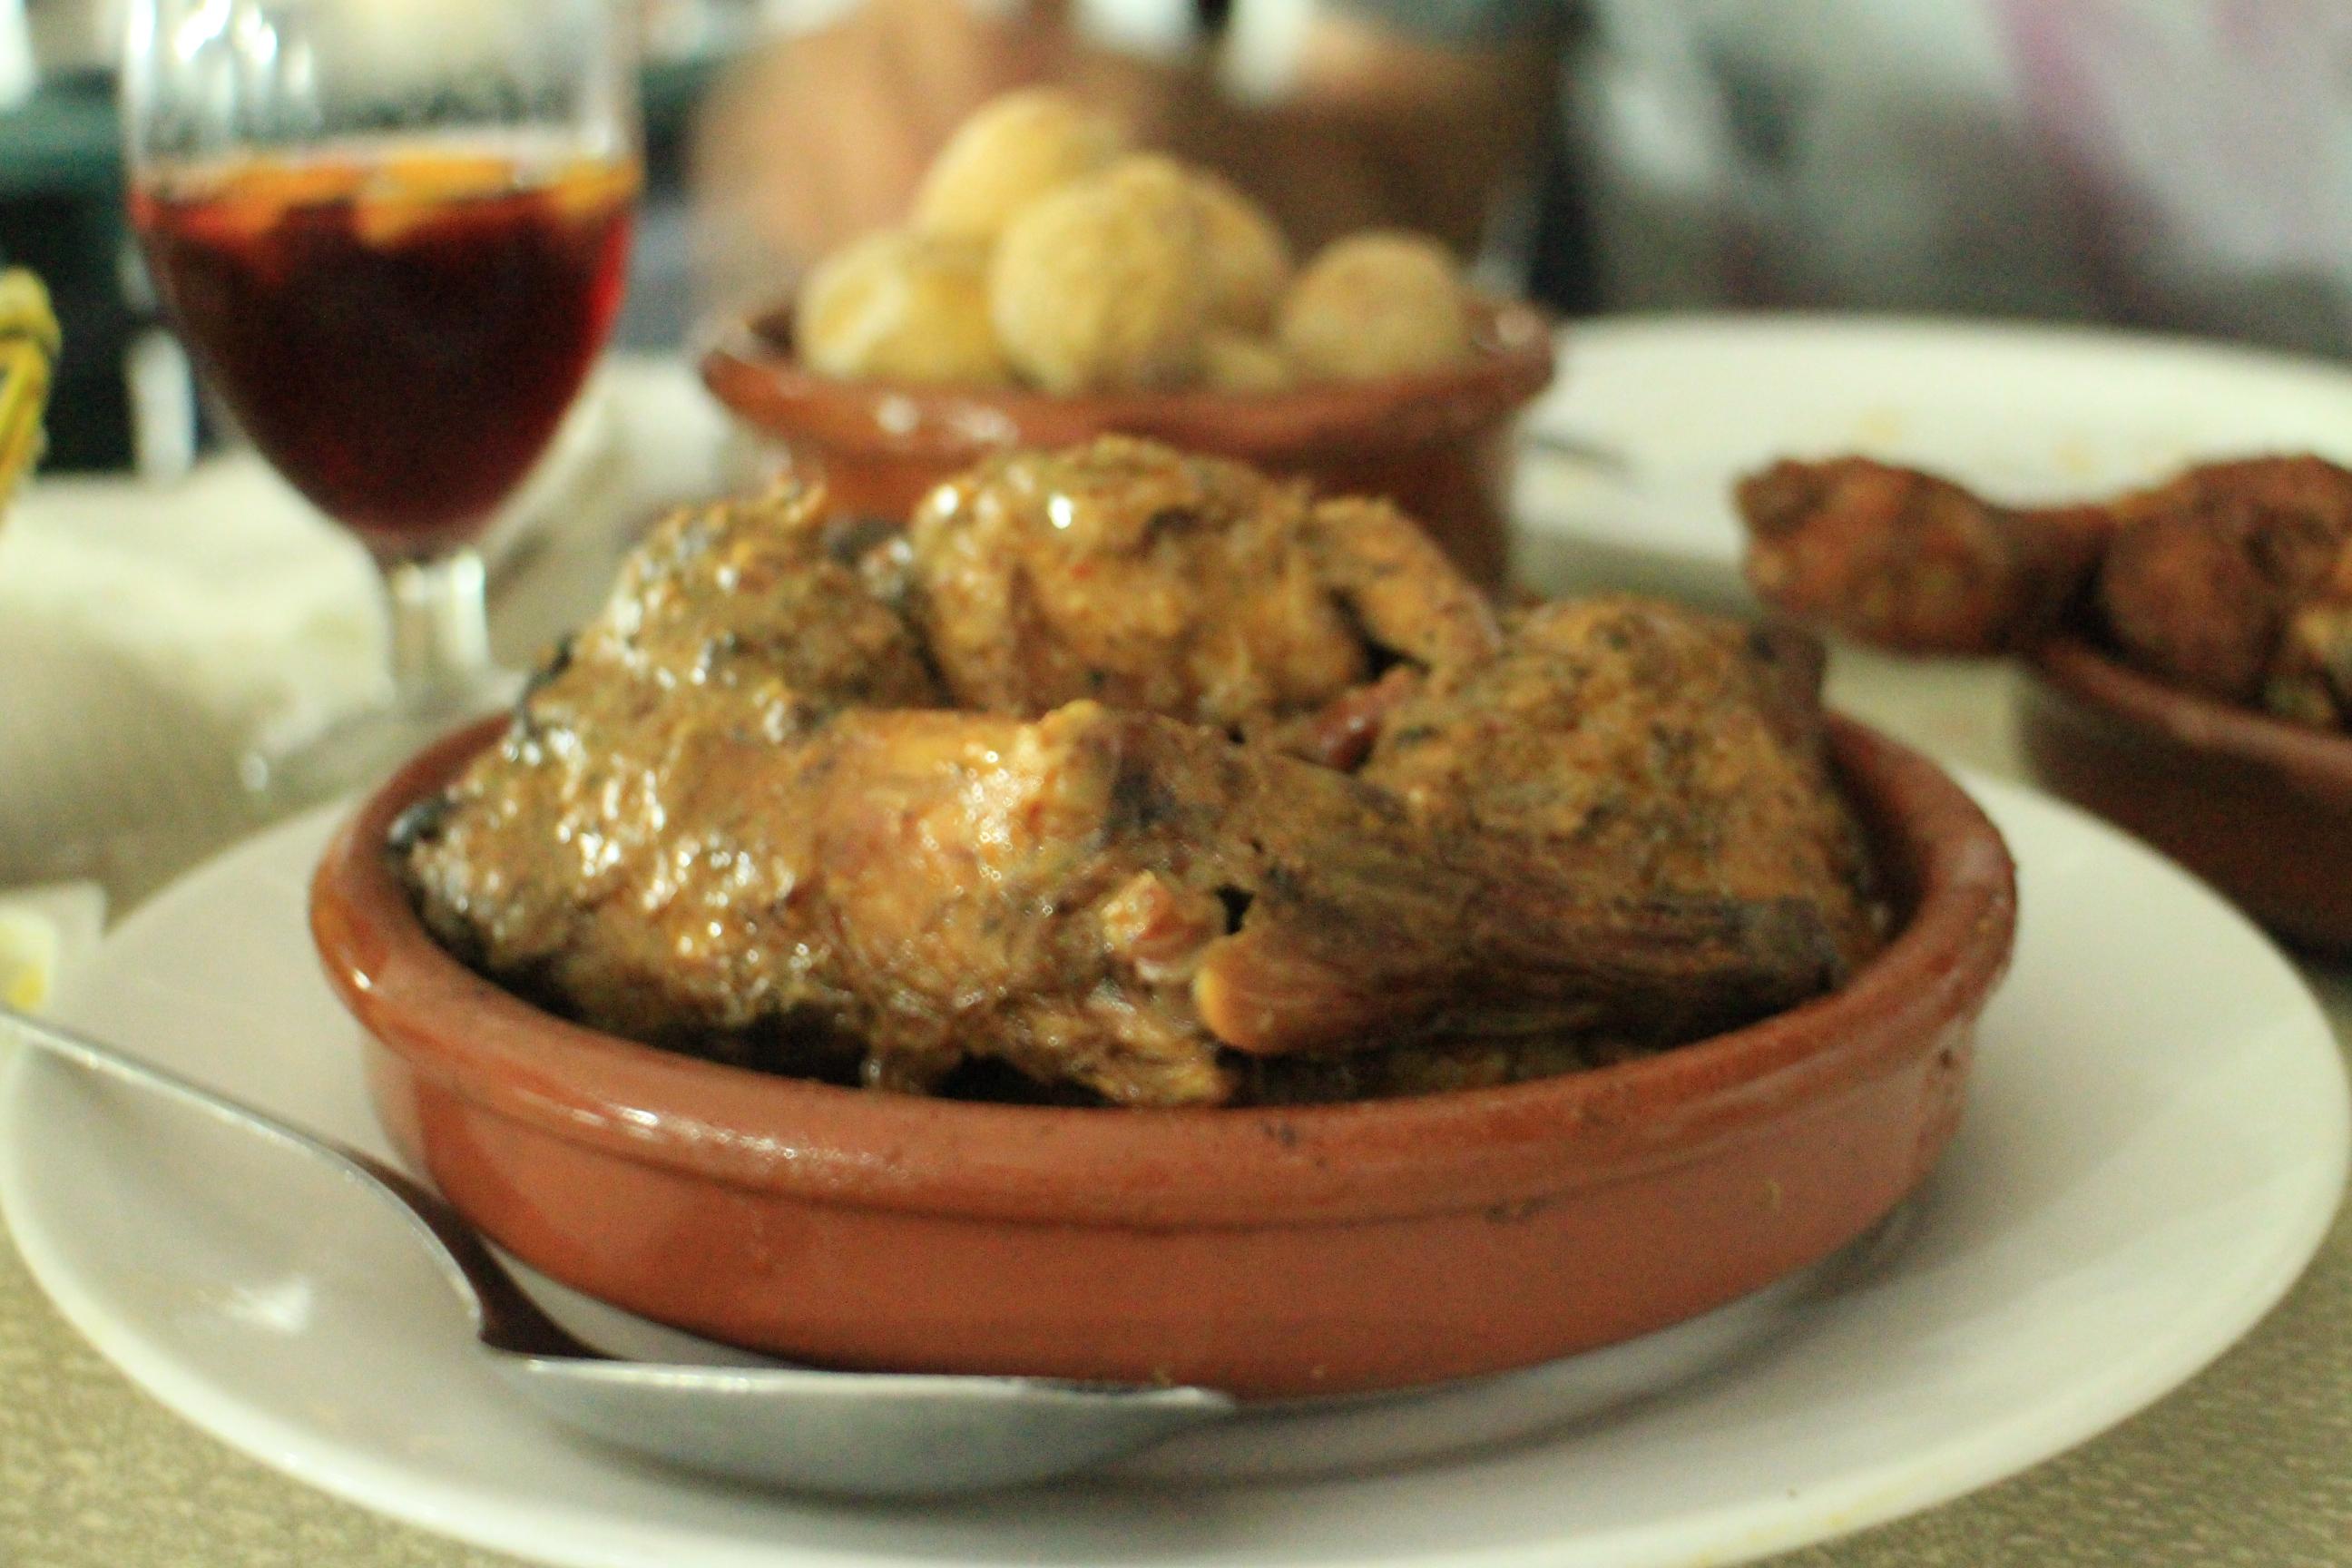 老闆娘推薦的茄汁烤兔肉(Conejo al Salmorejo)